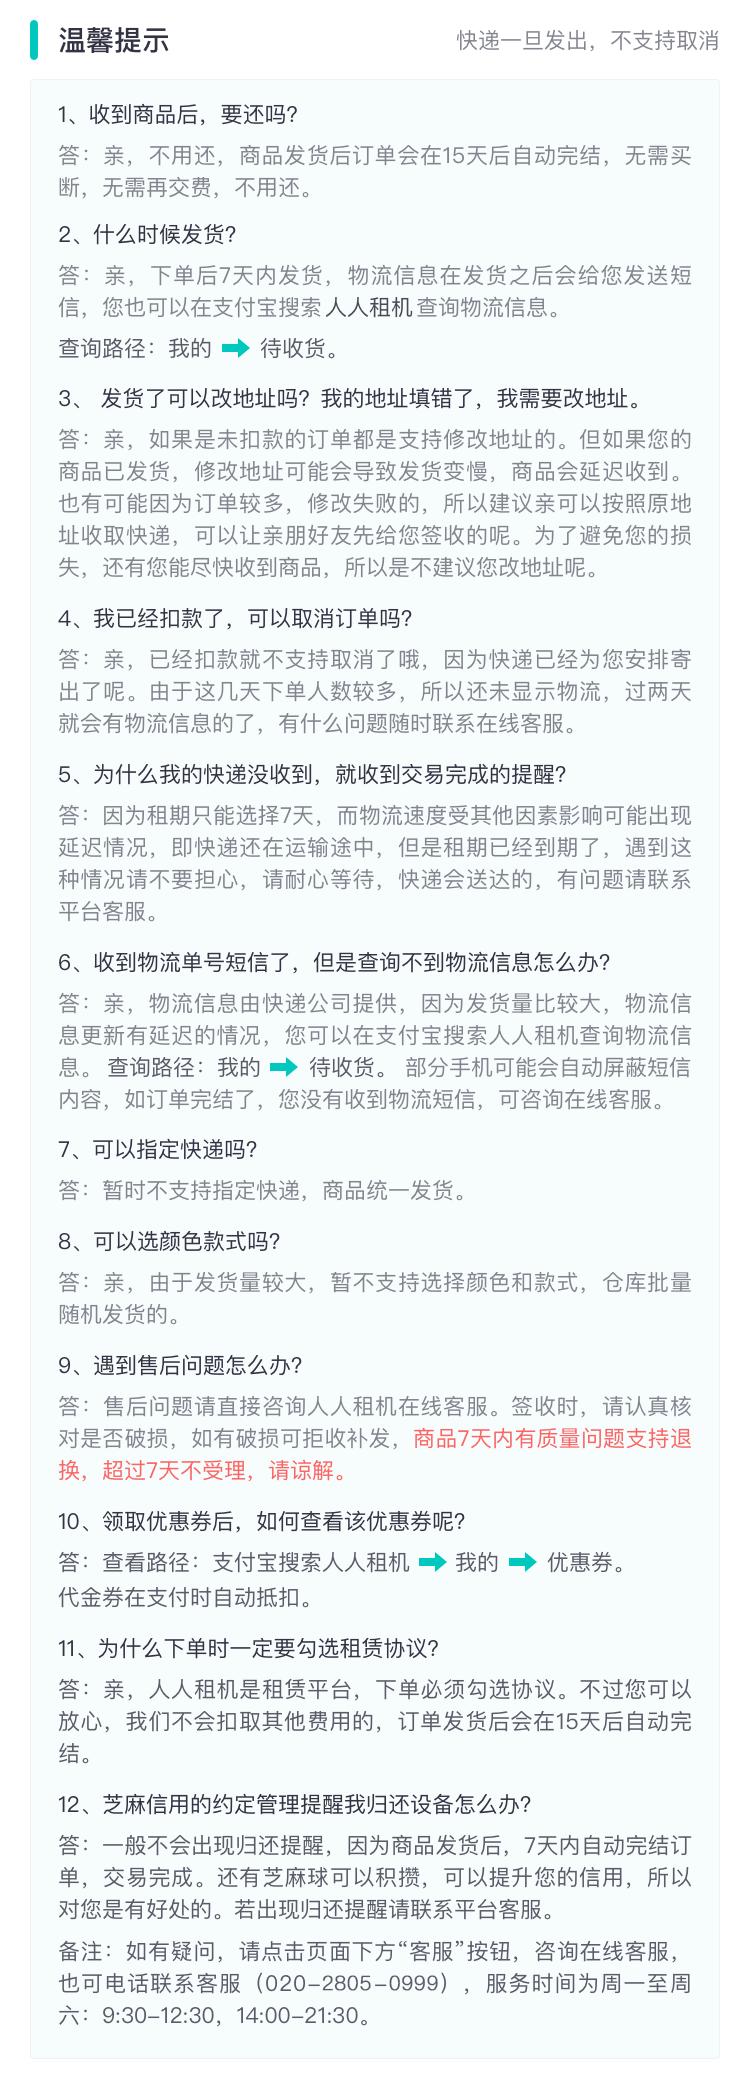 溫馨提示-租賃商品詳情頁.png